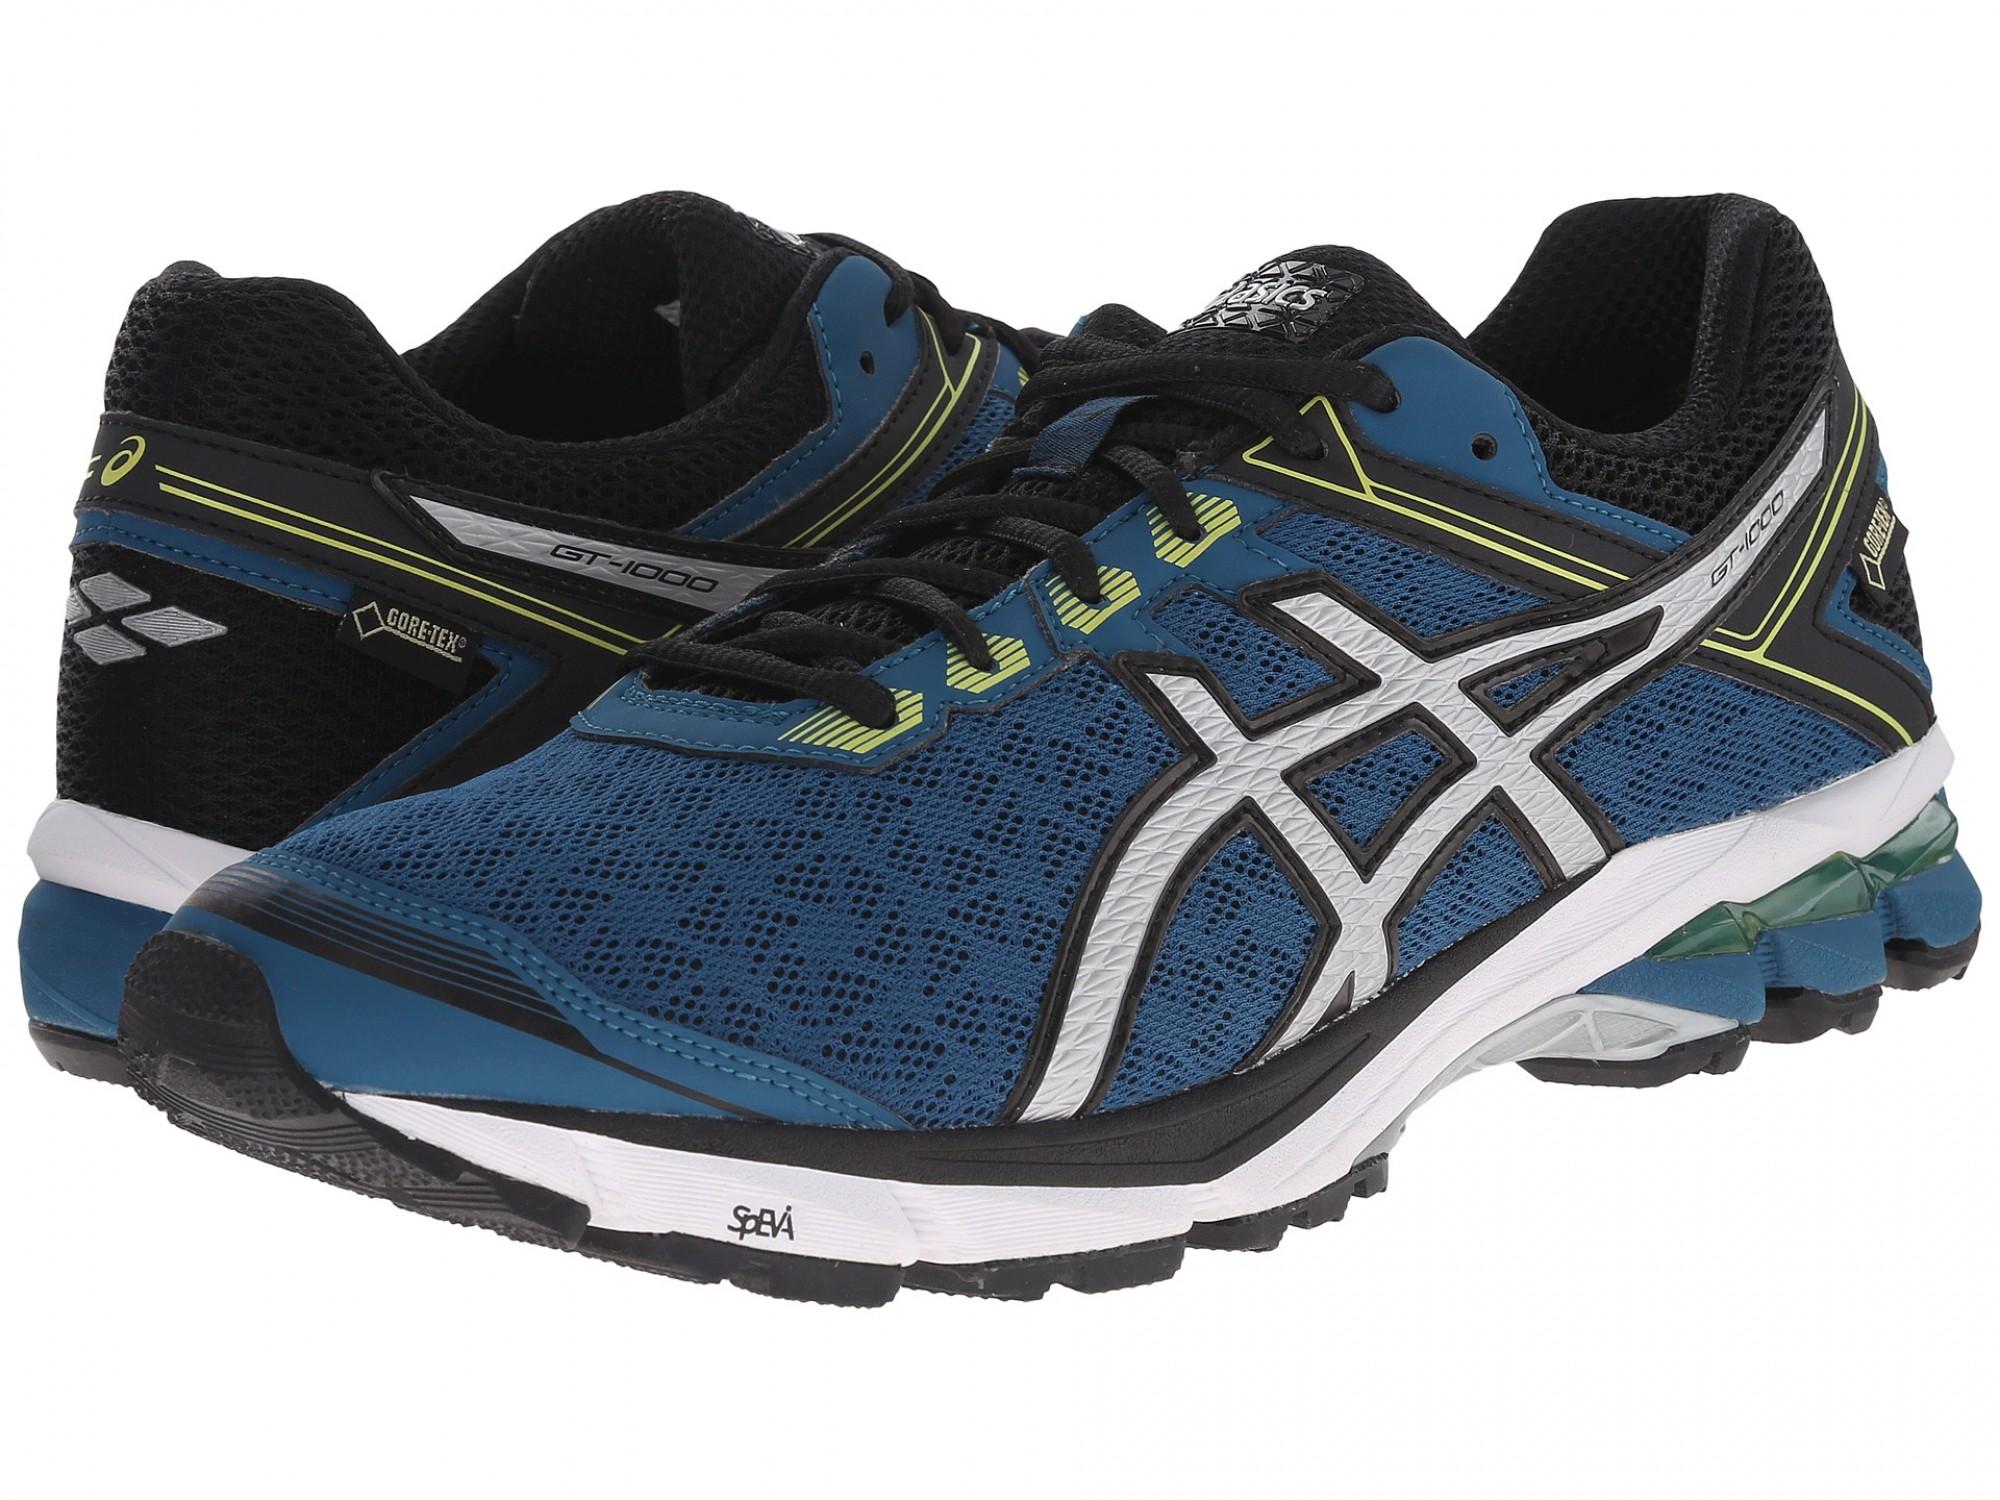 fc2c3a79 ASICS GT-1000 4 GTX® - кроссовки для бега с мембраной Gore-tex ...